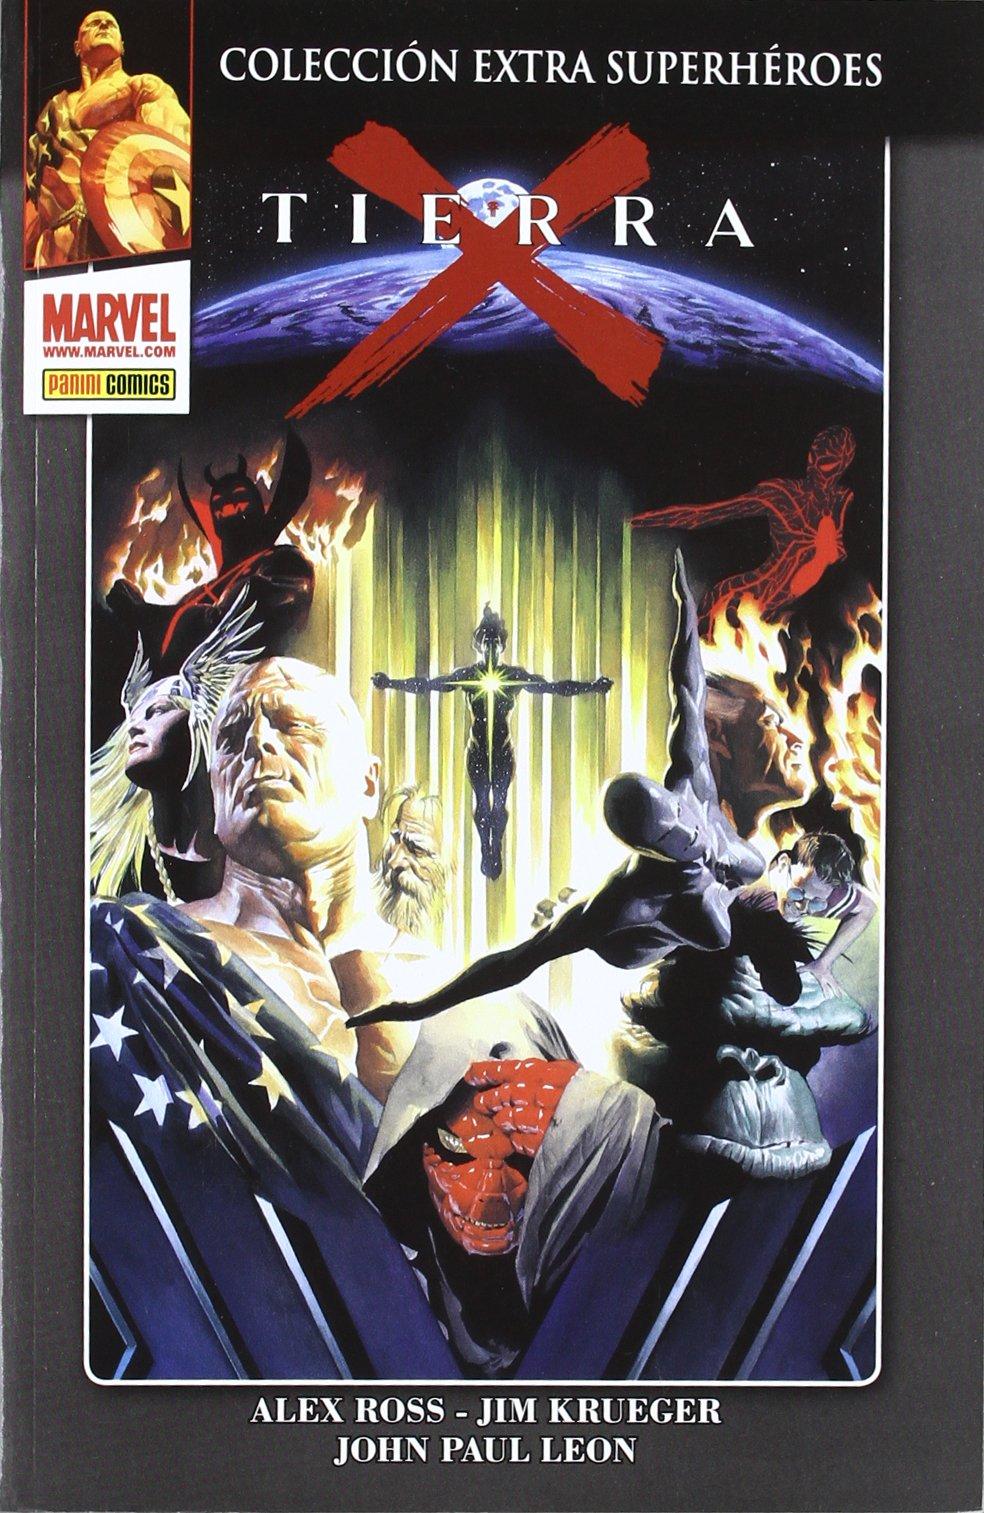 mejores cómics de superhéroes